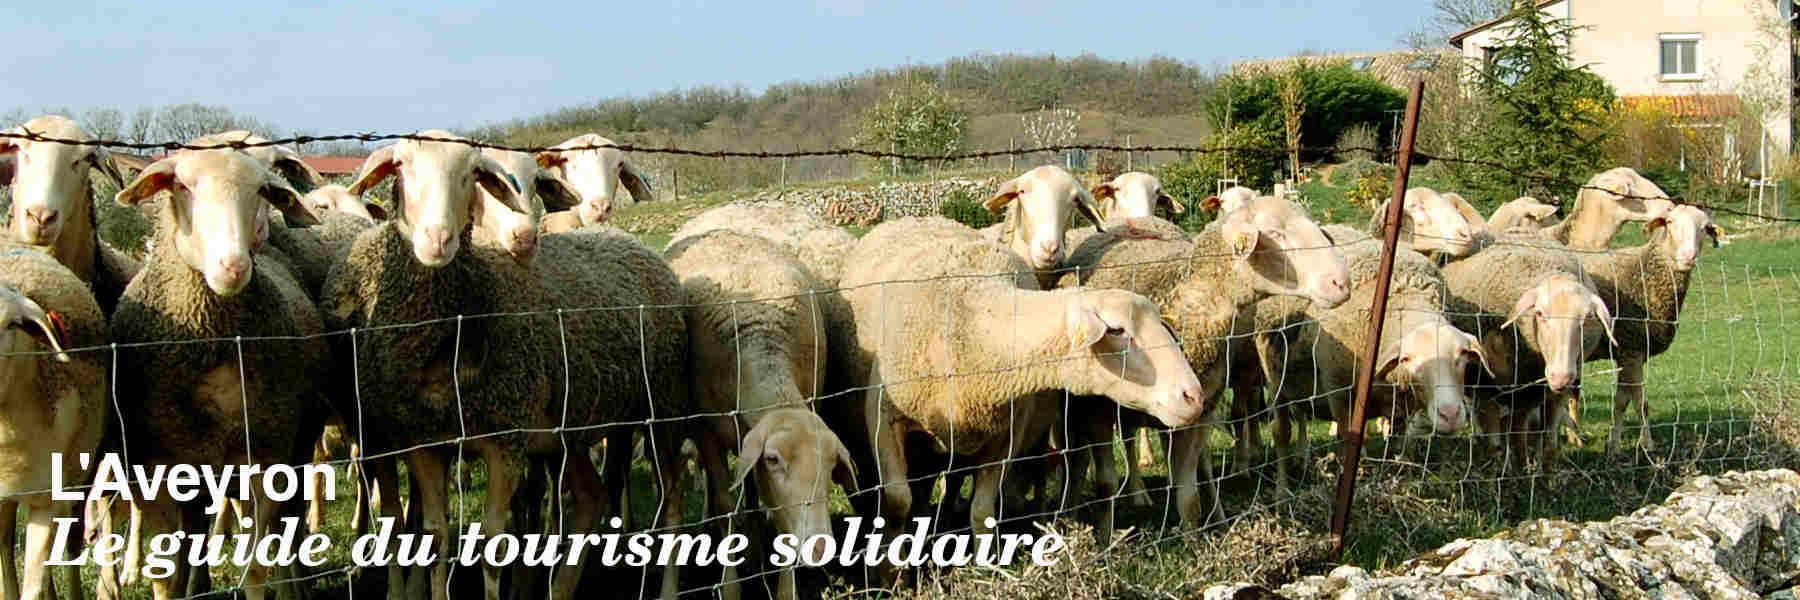 Le guide du tourisme solidaire de l'Aveyron